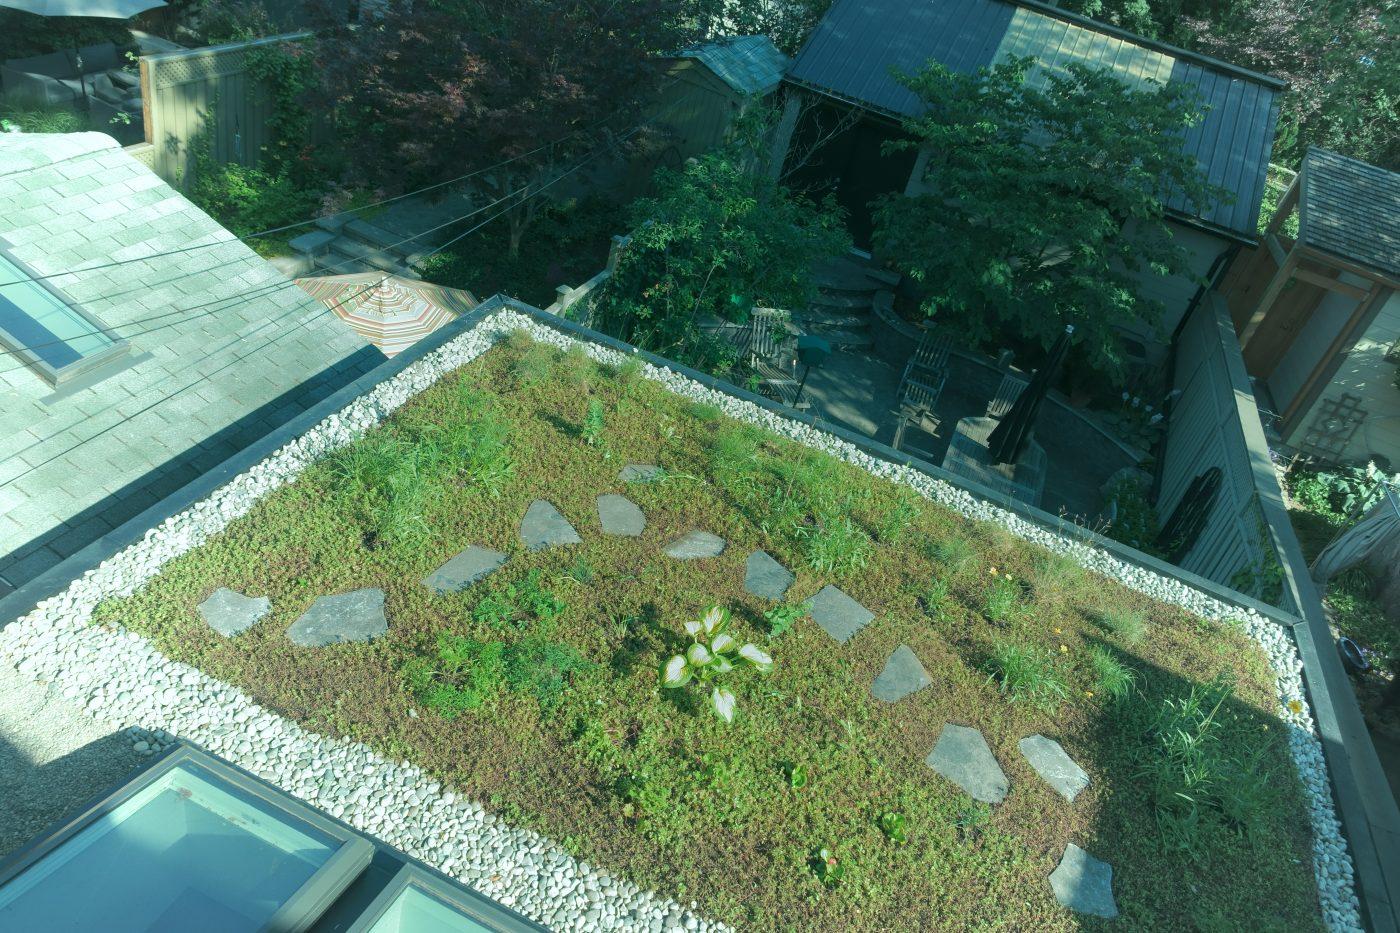 Green roof 2 14 Albermarle